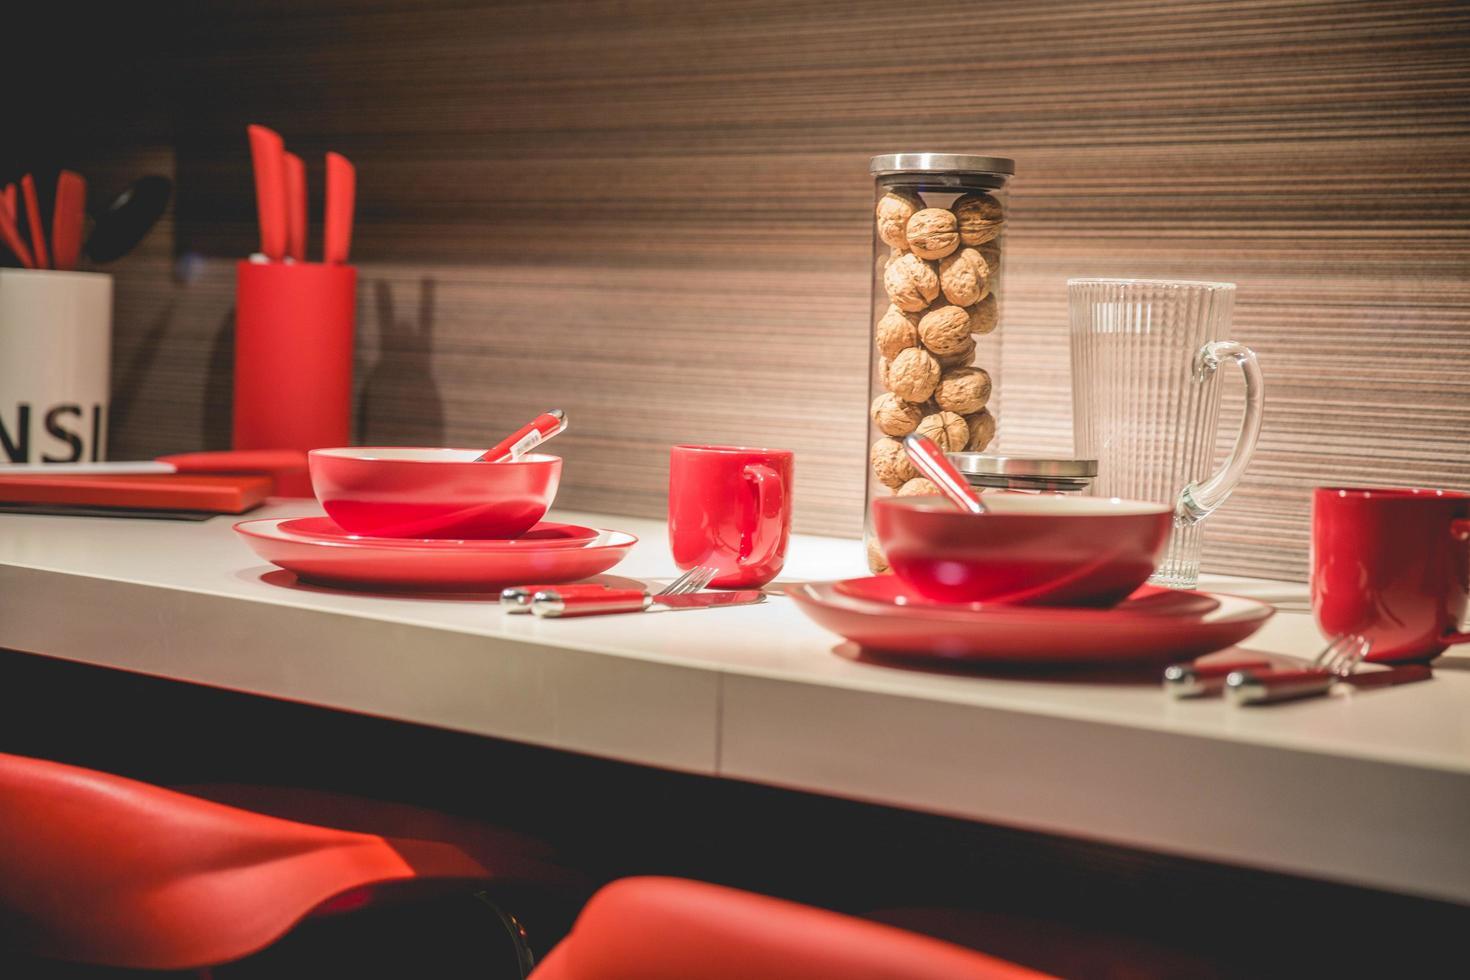 service de vaisselle rouge photo